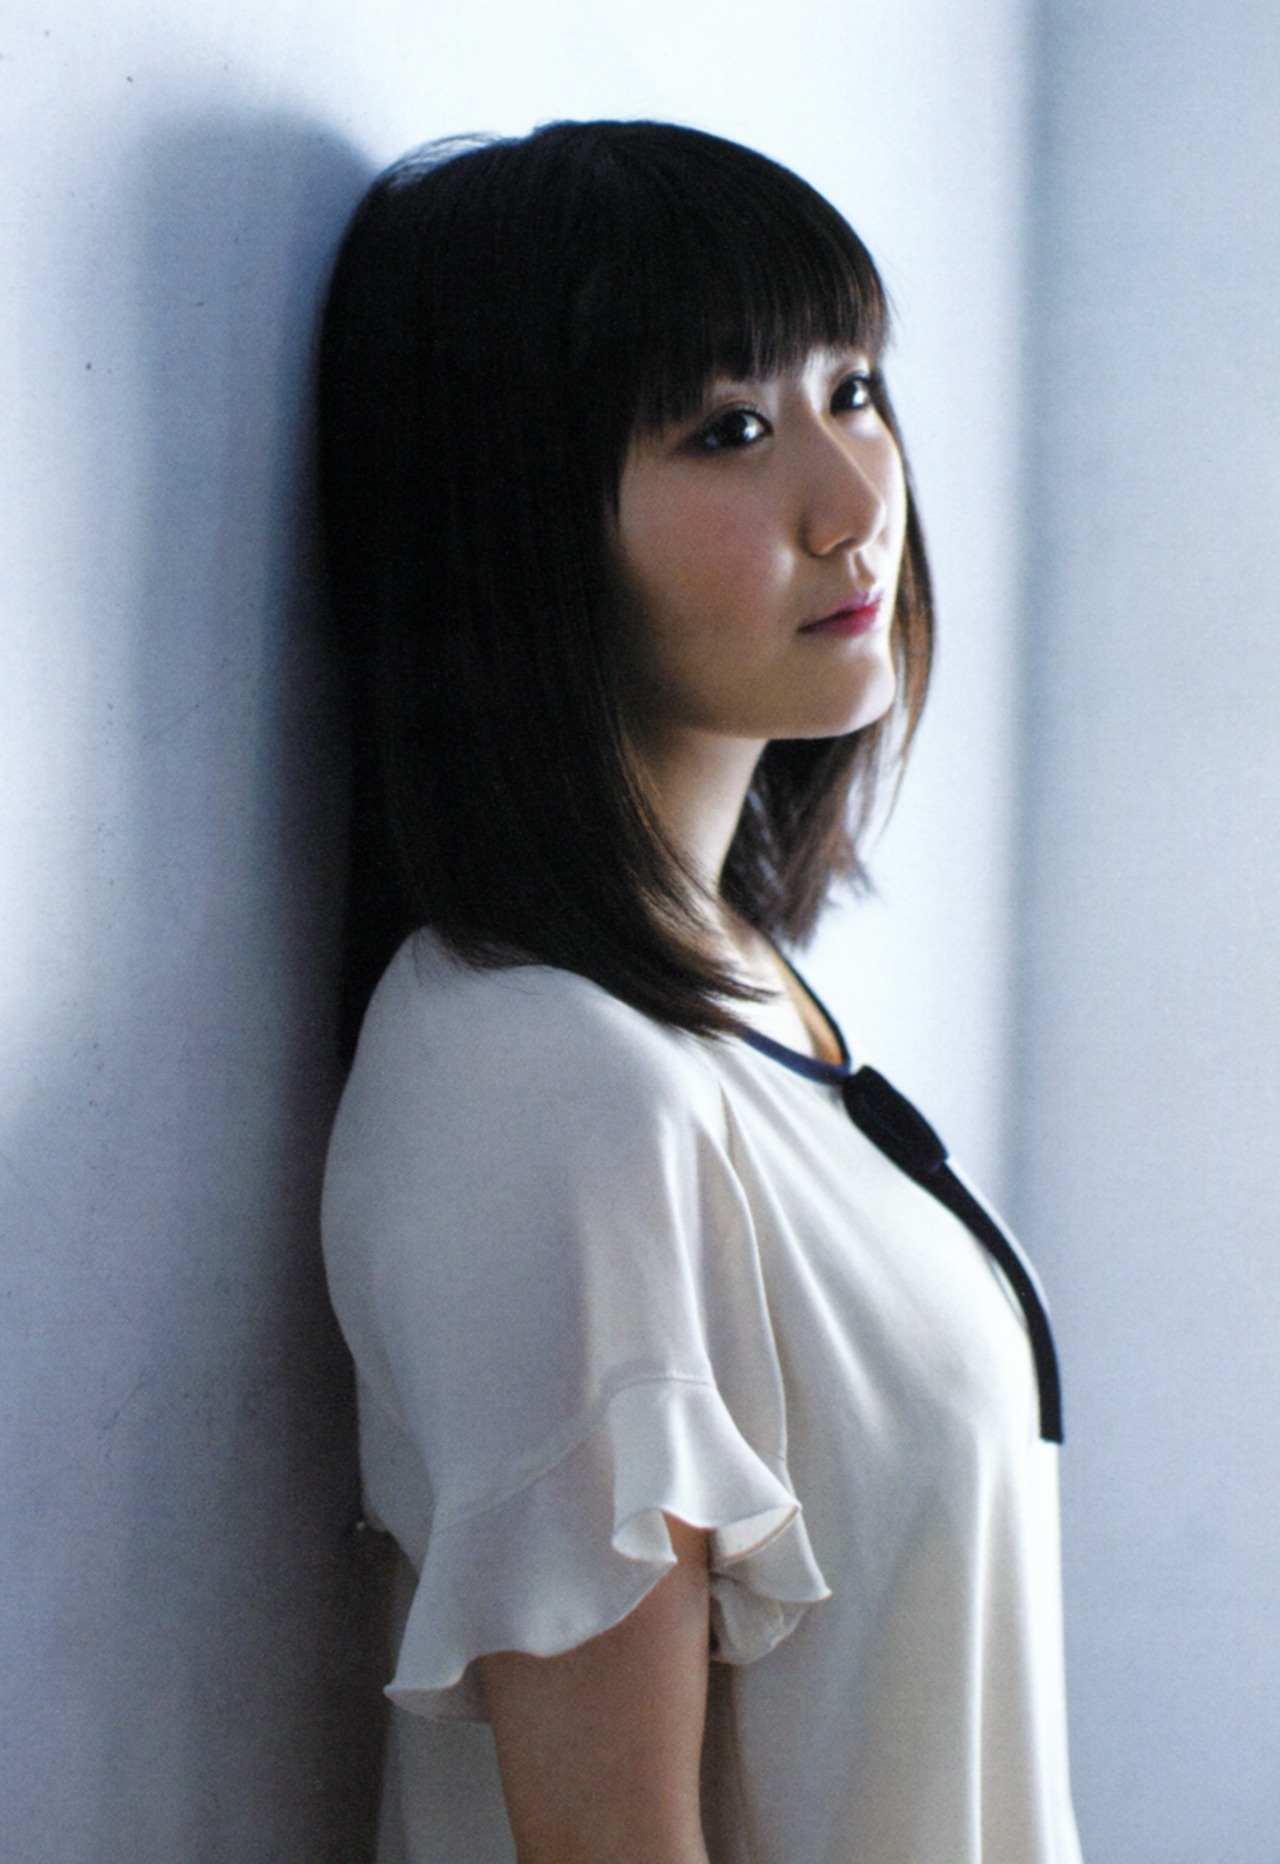 hidaka_rina100.jpg